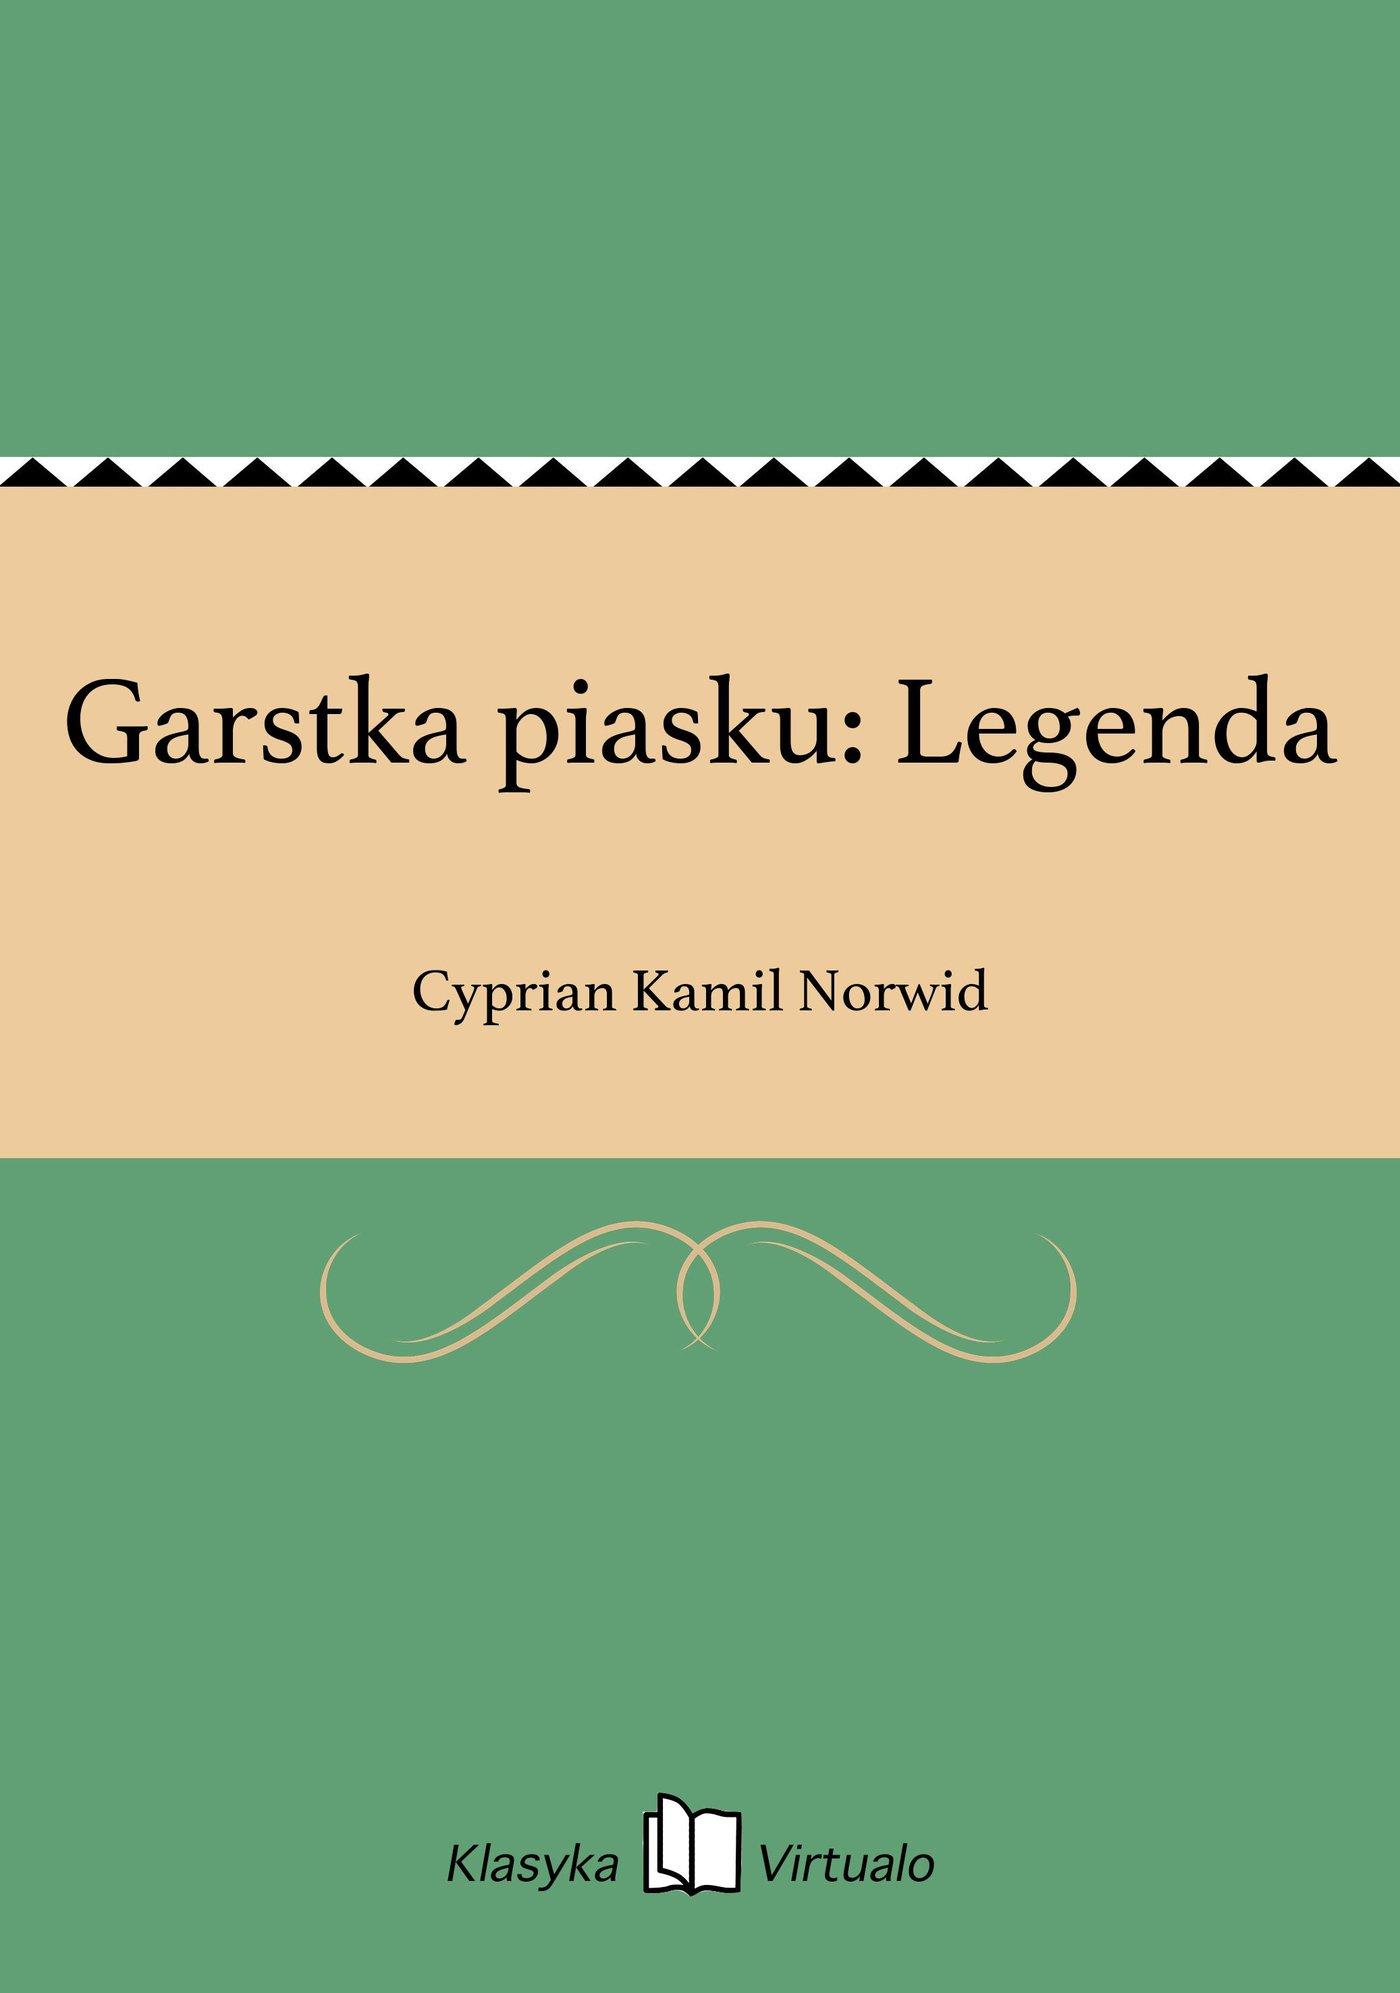 Garstka piasku: Legenda - Ebook (Książka EPUB) do pobrania w formacie EPUB